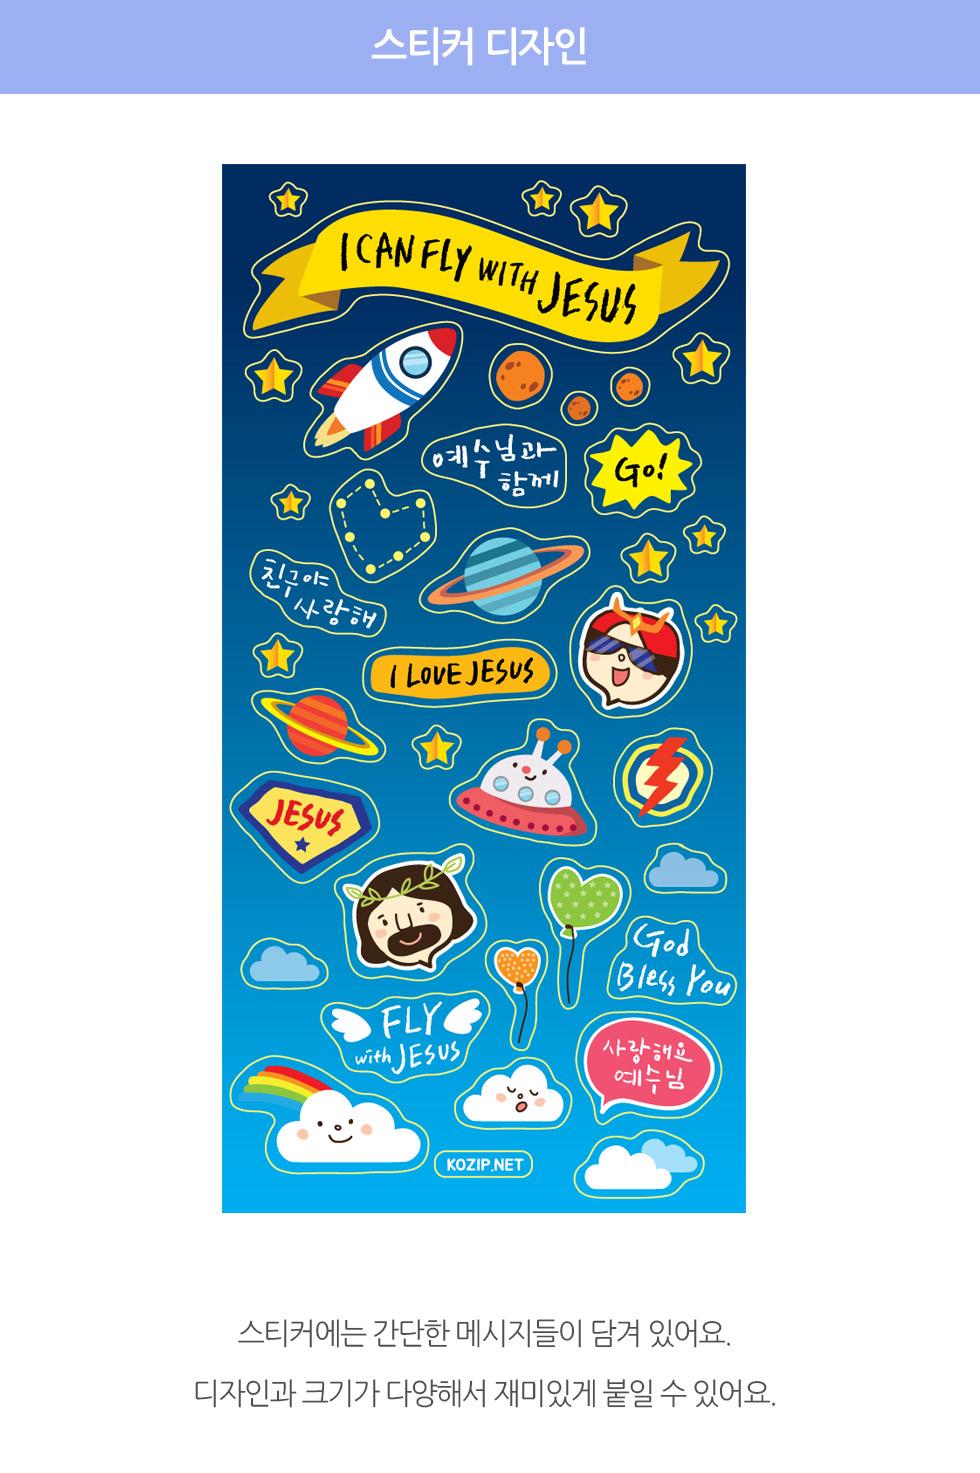 핸드 글라이더 - I can FLY with JESUS 디자인과 크기가 다양한 메시지 스티커거 동봉돼있어요.